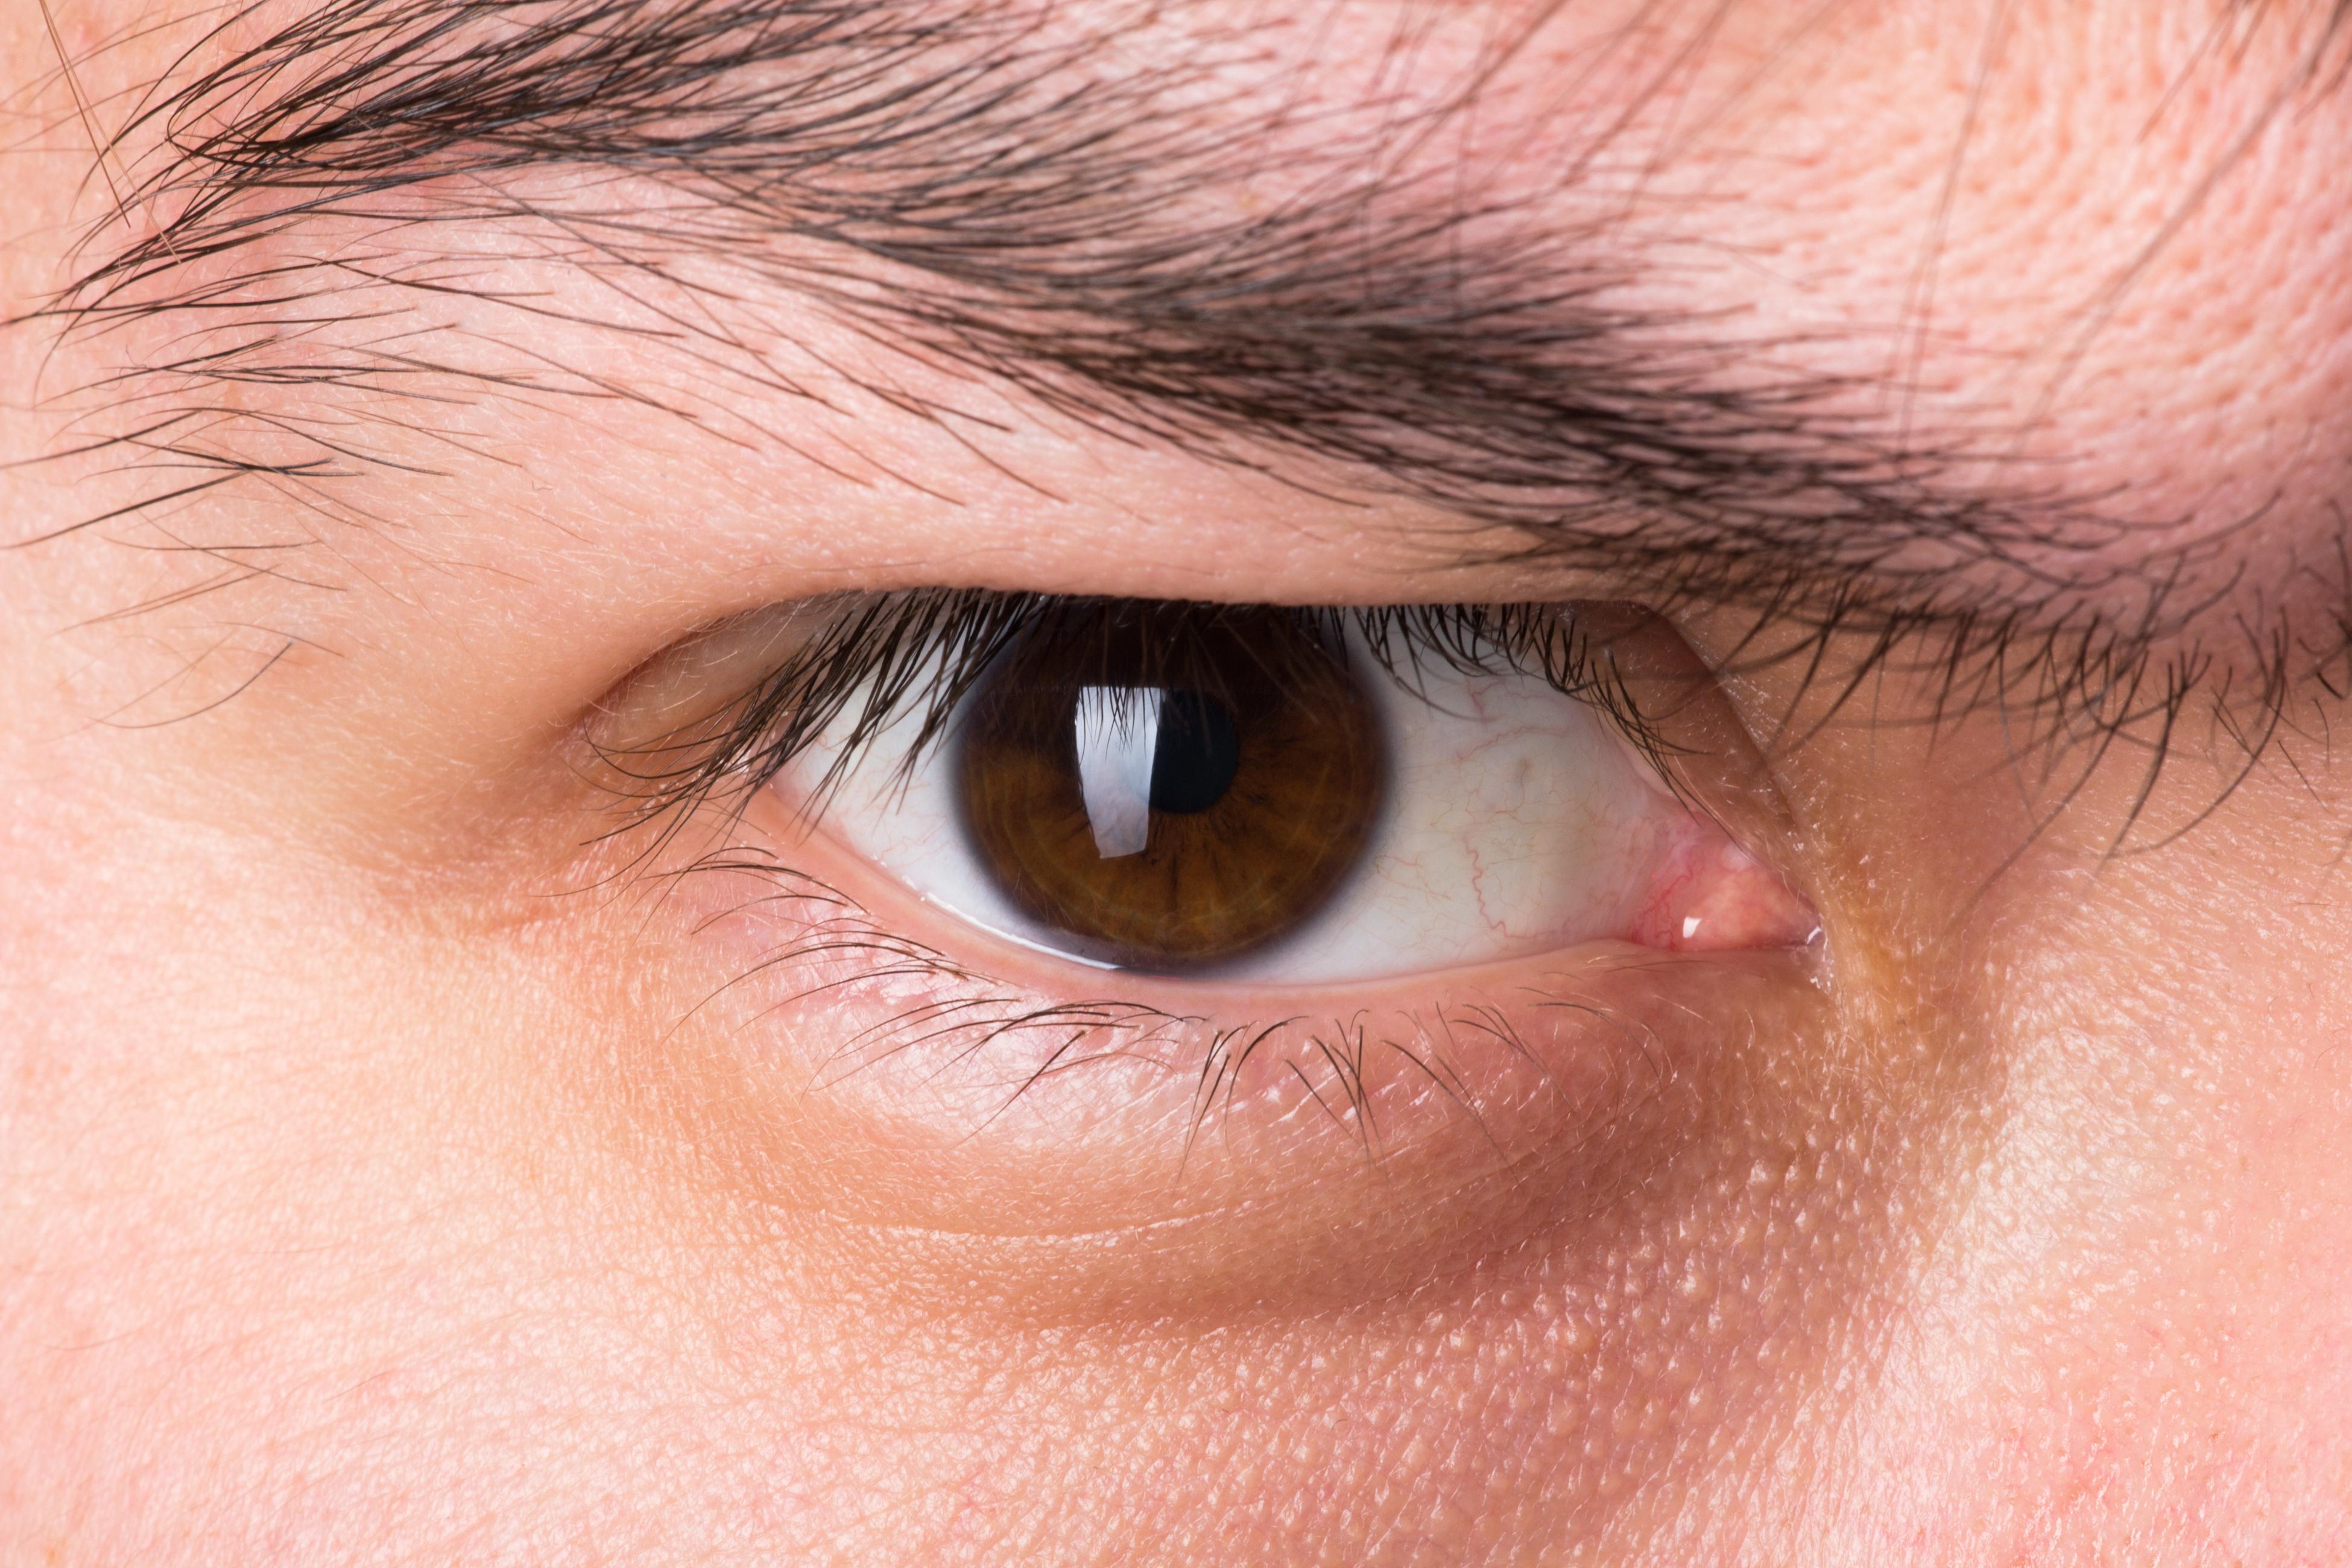 stockvault eye154494 - Mýtus o tom, že dobrý křesťan přesvědčí každého